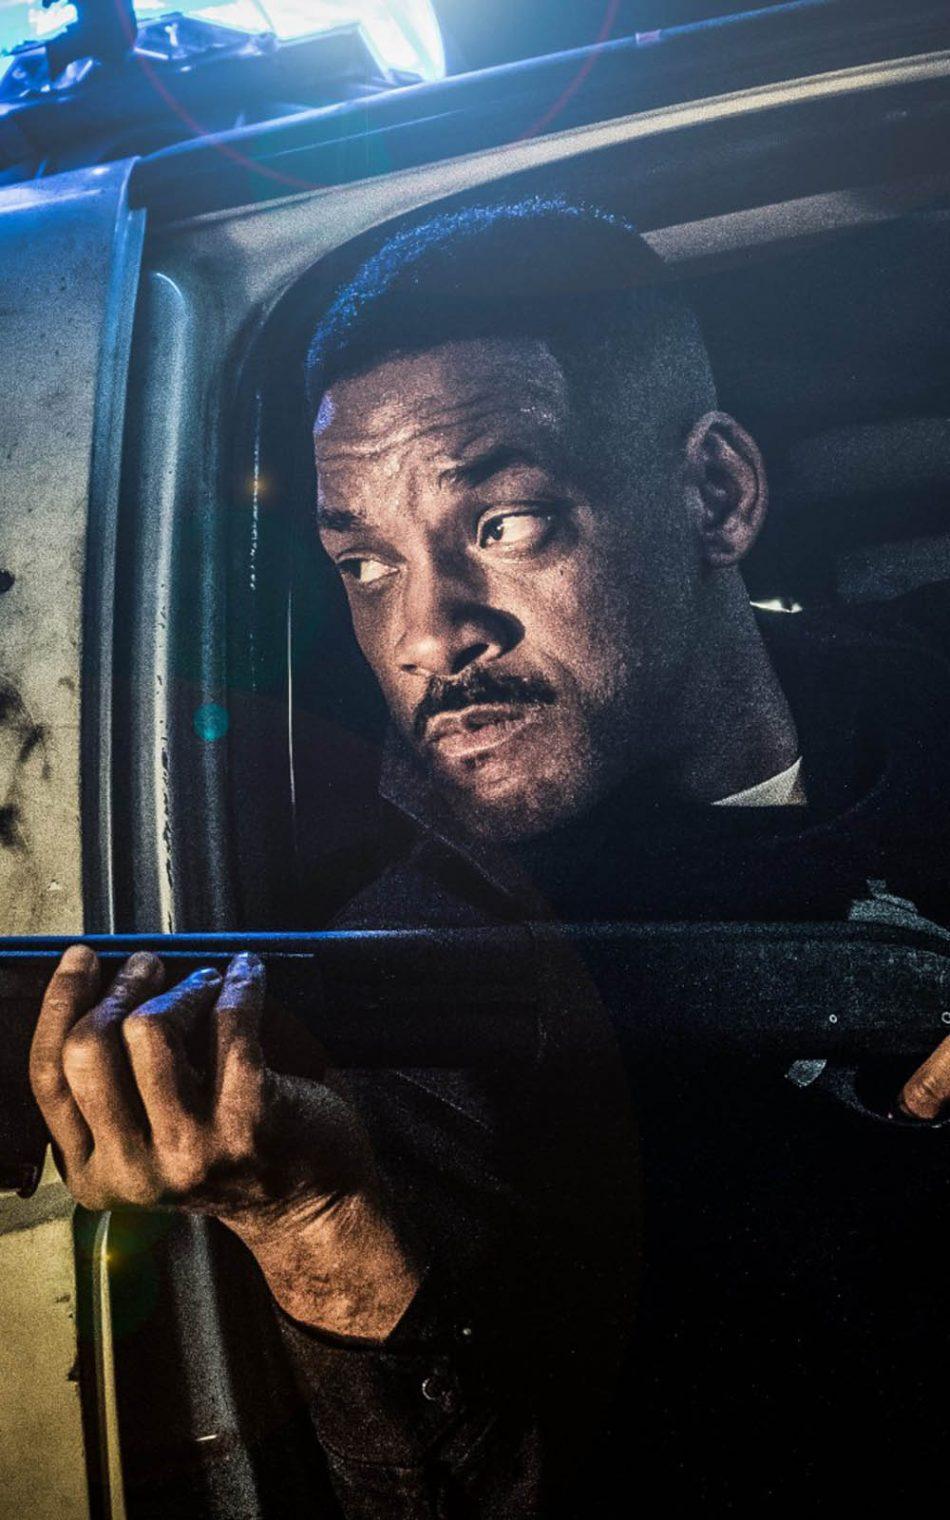 Will Smith In Bright 2017 HD Mobile Wallpaper